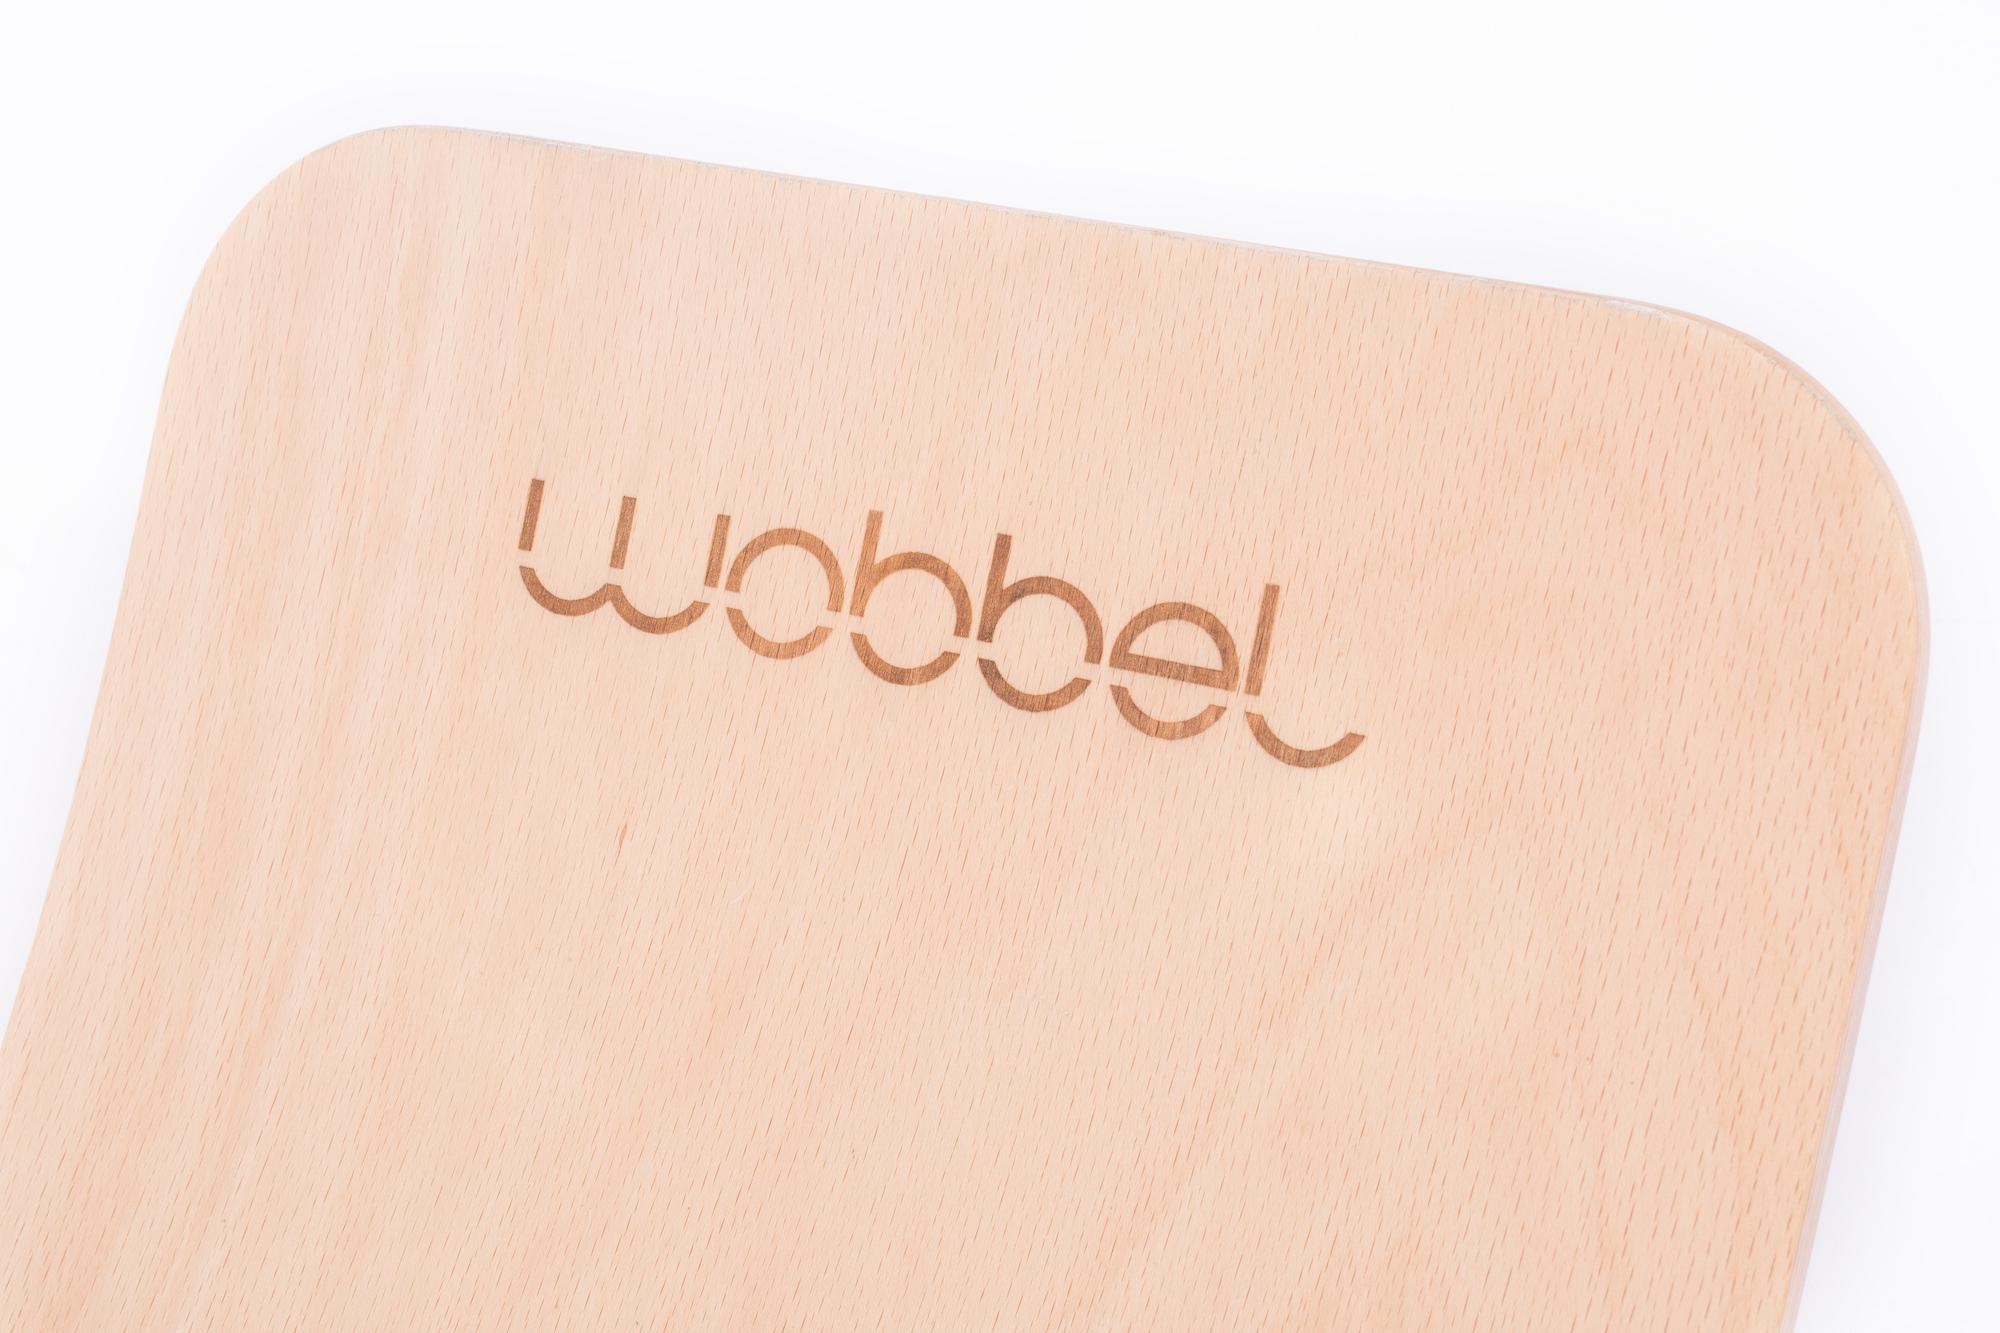 Wobbel Original unlackiert